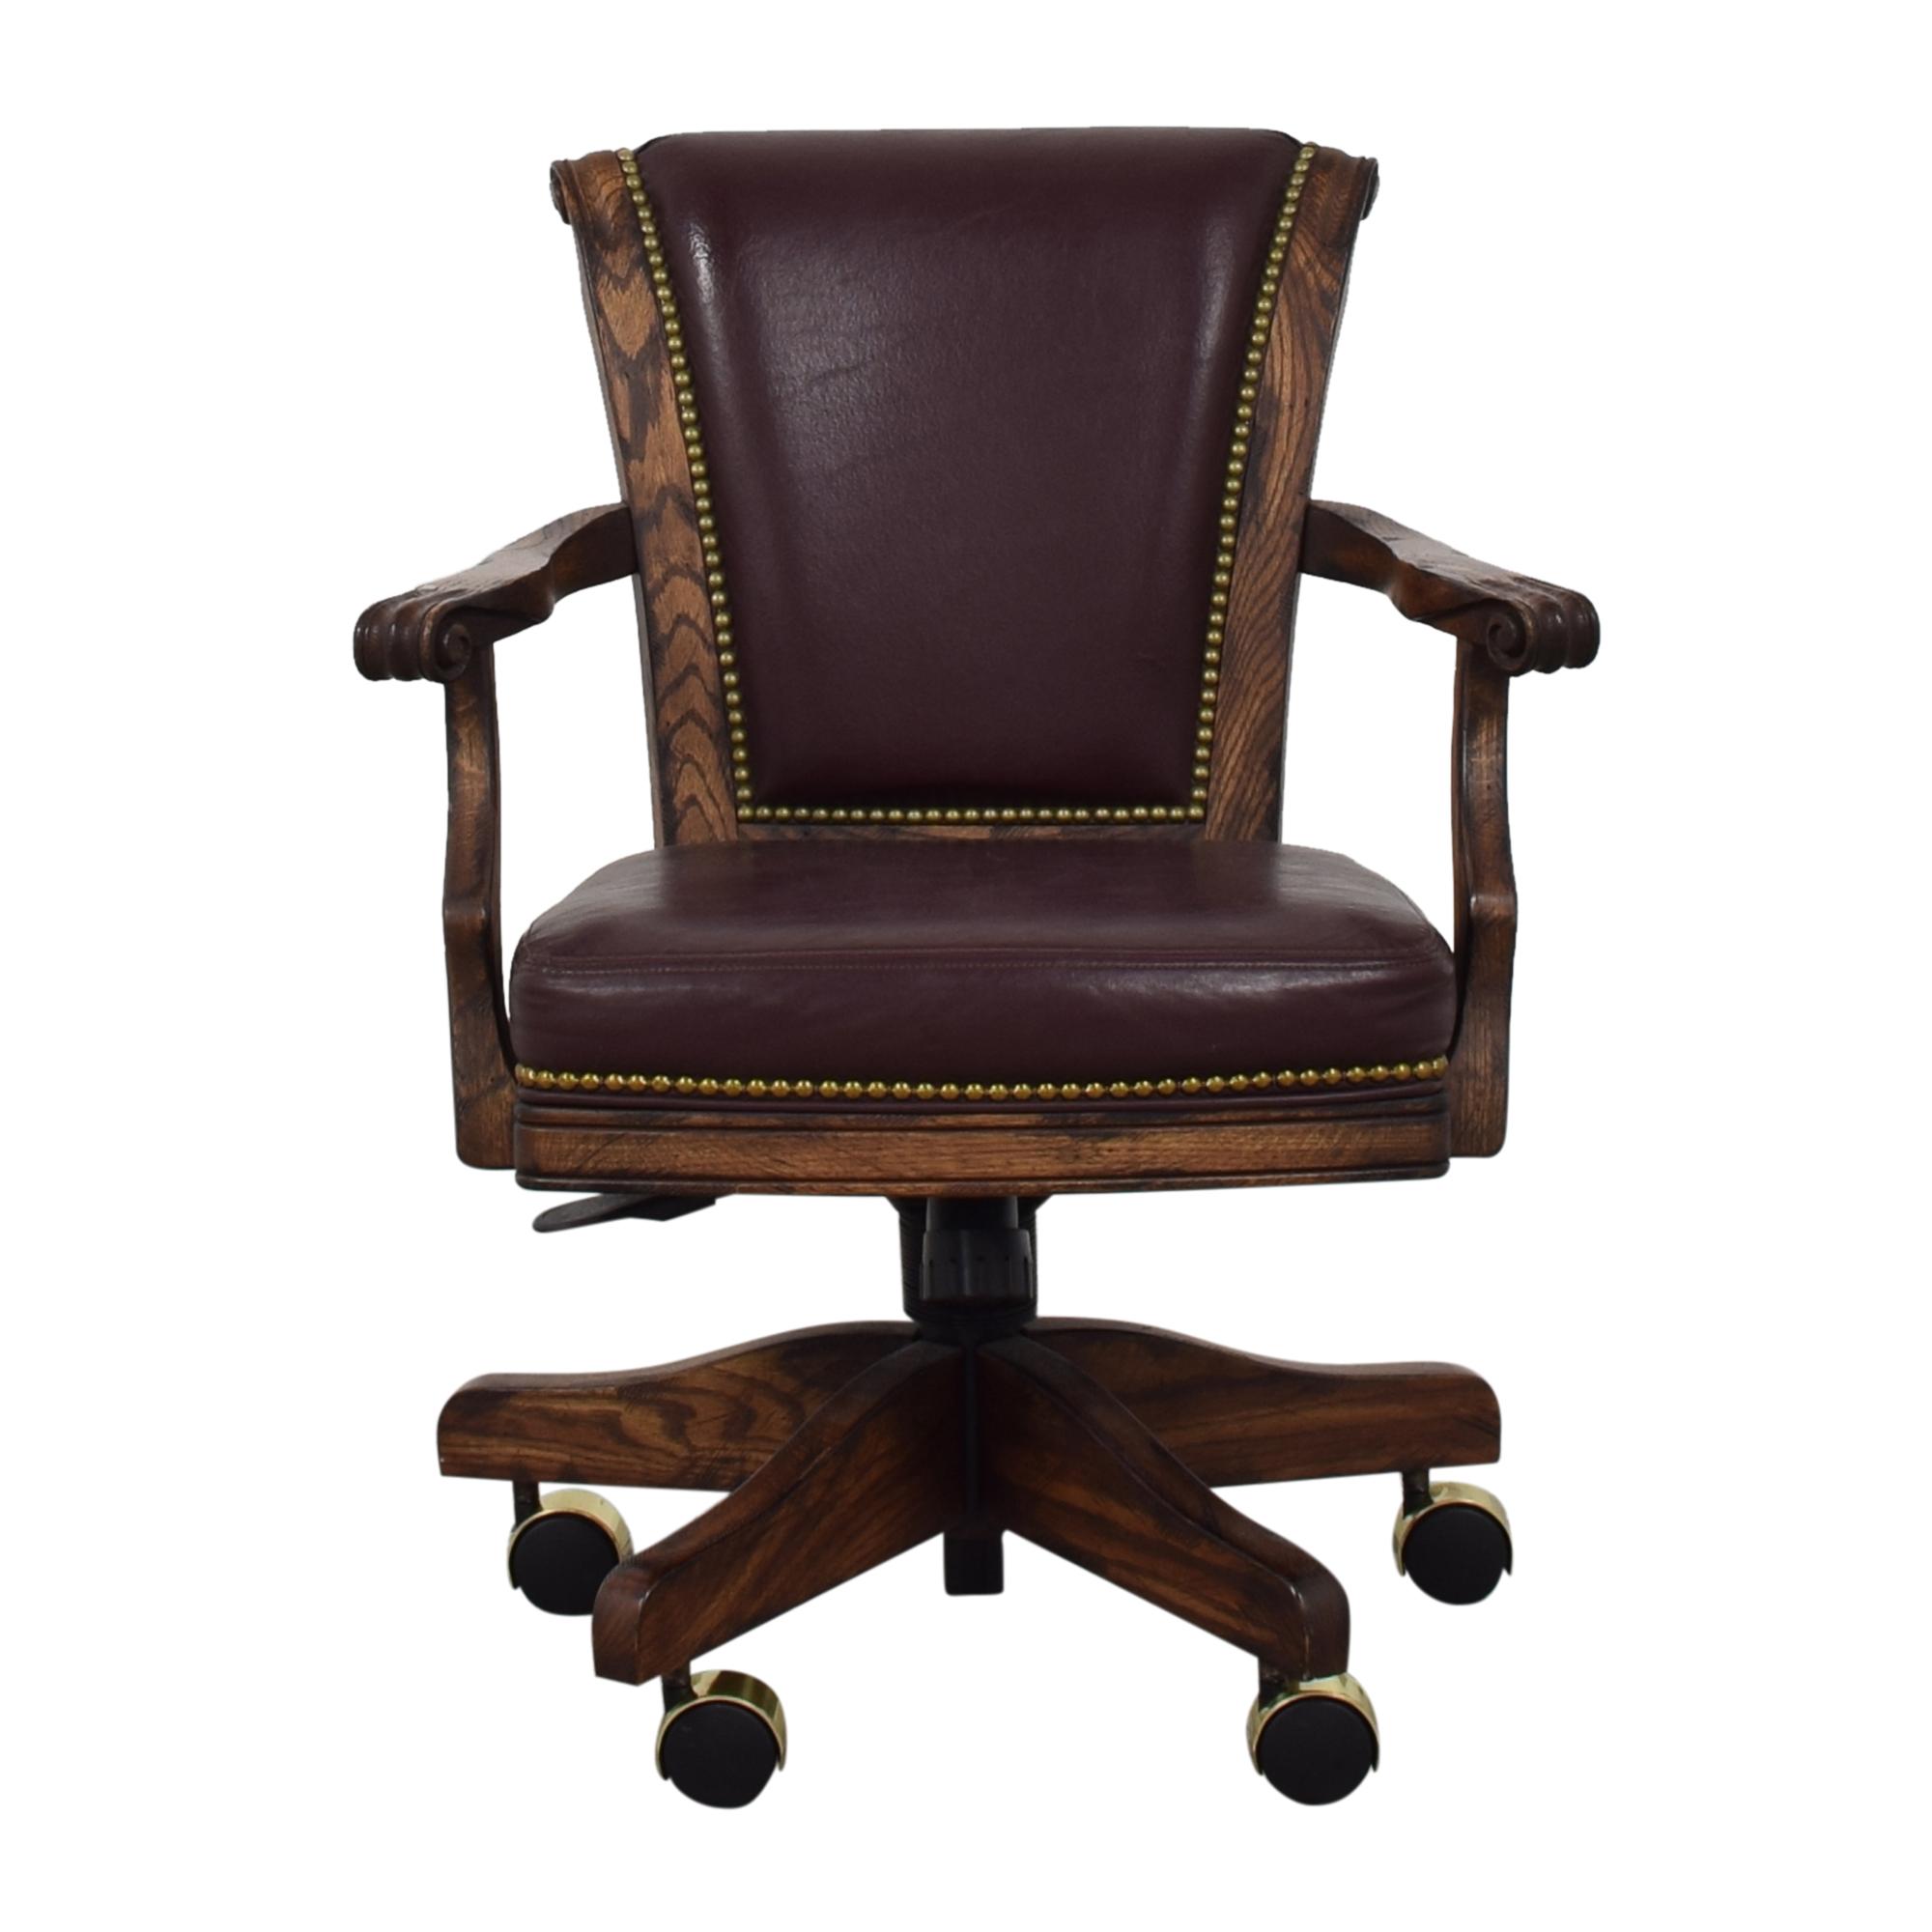 Darafeev Darafeev Classic Game Chair nj